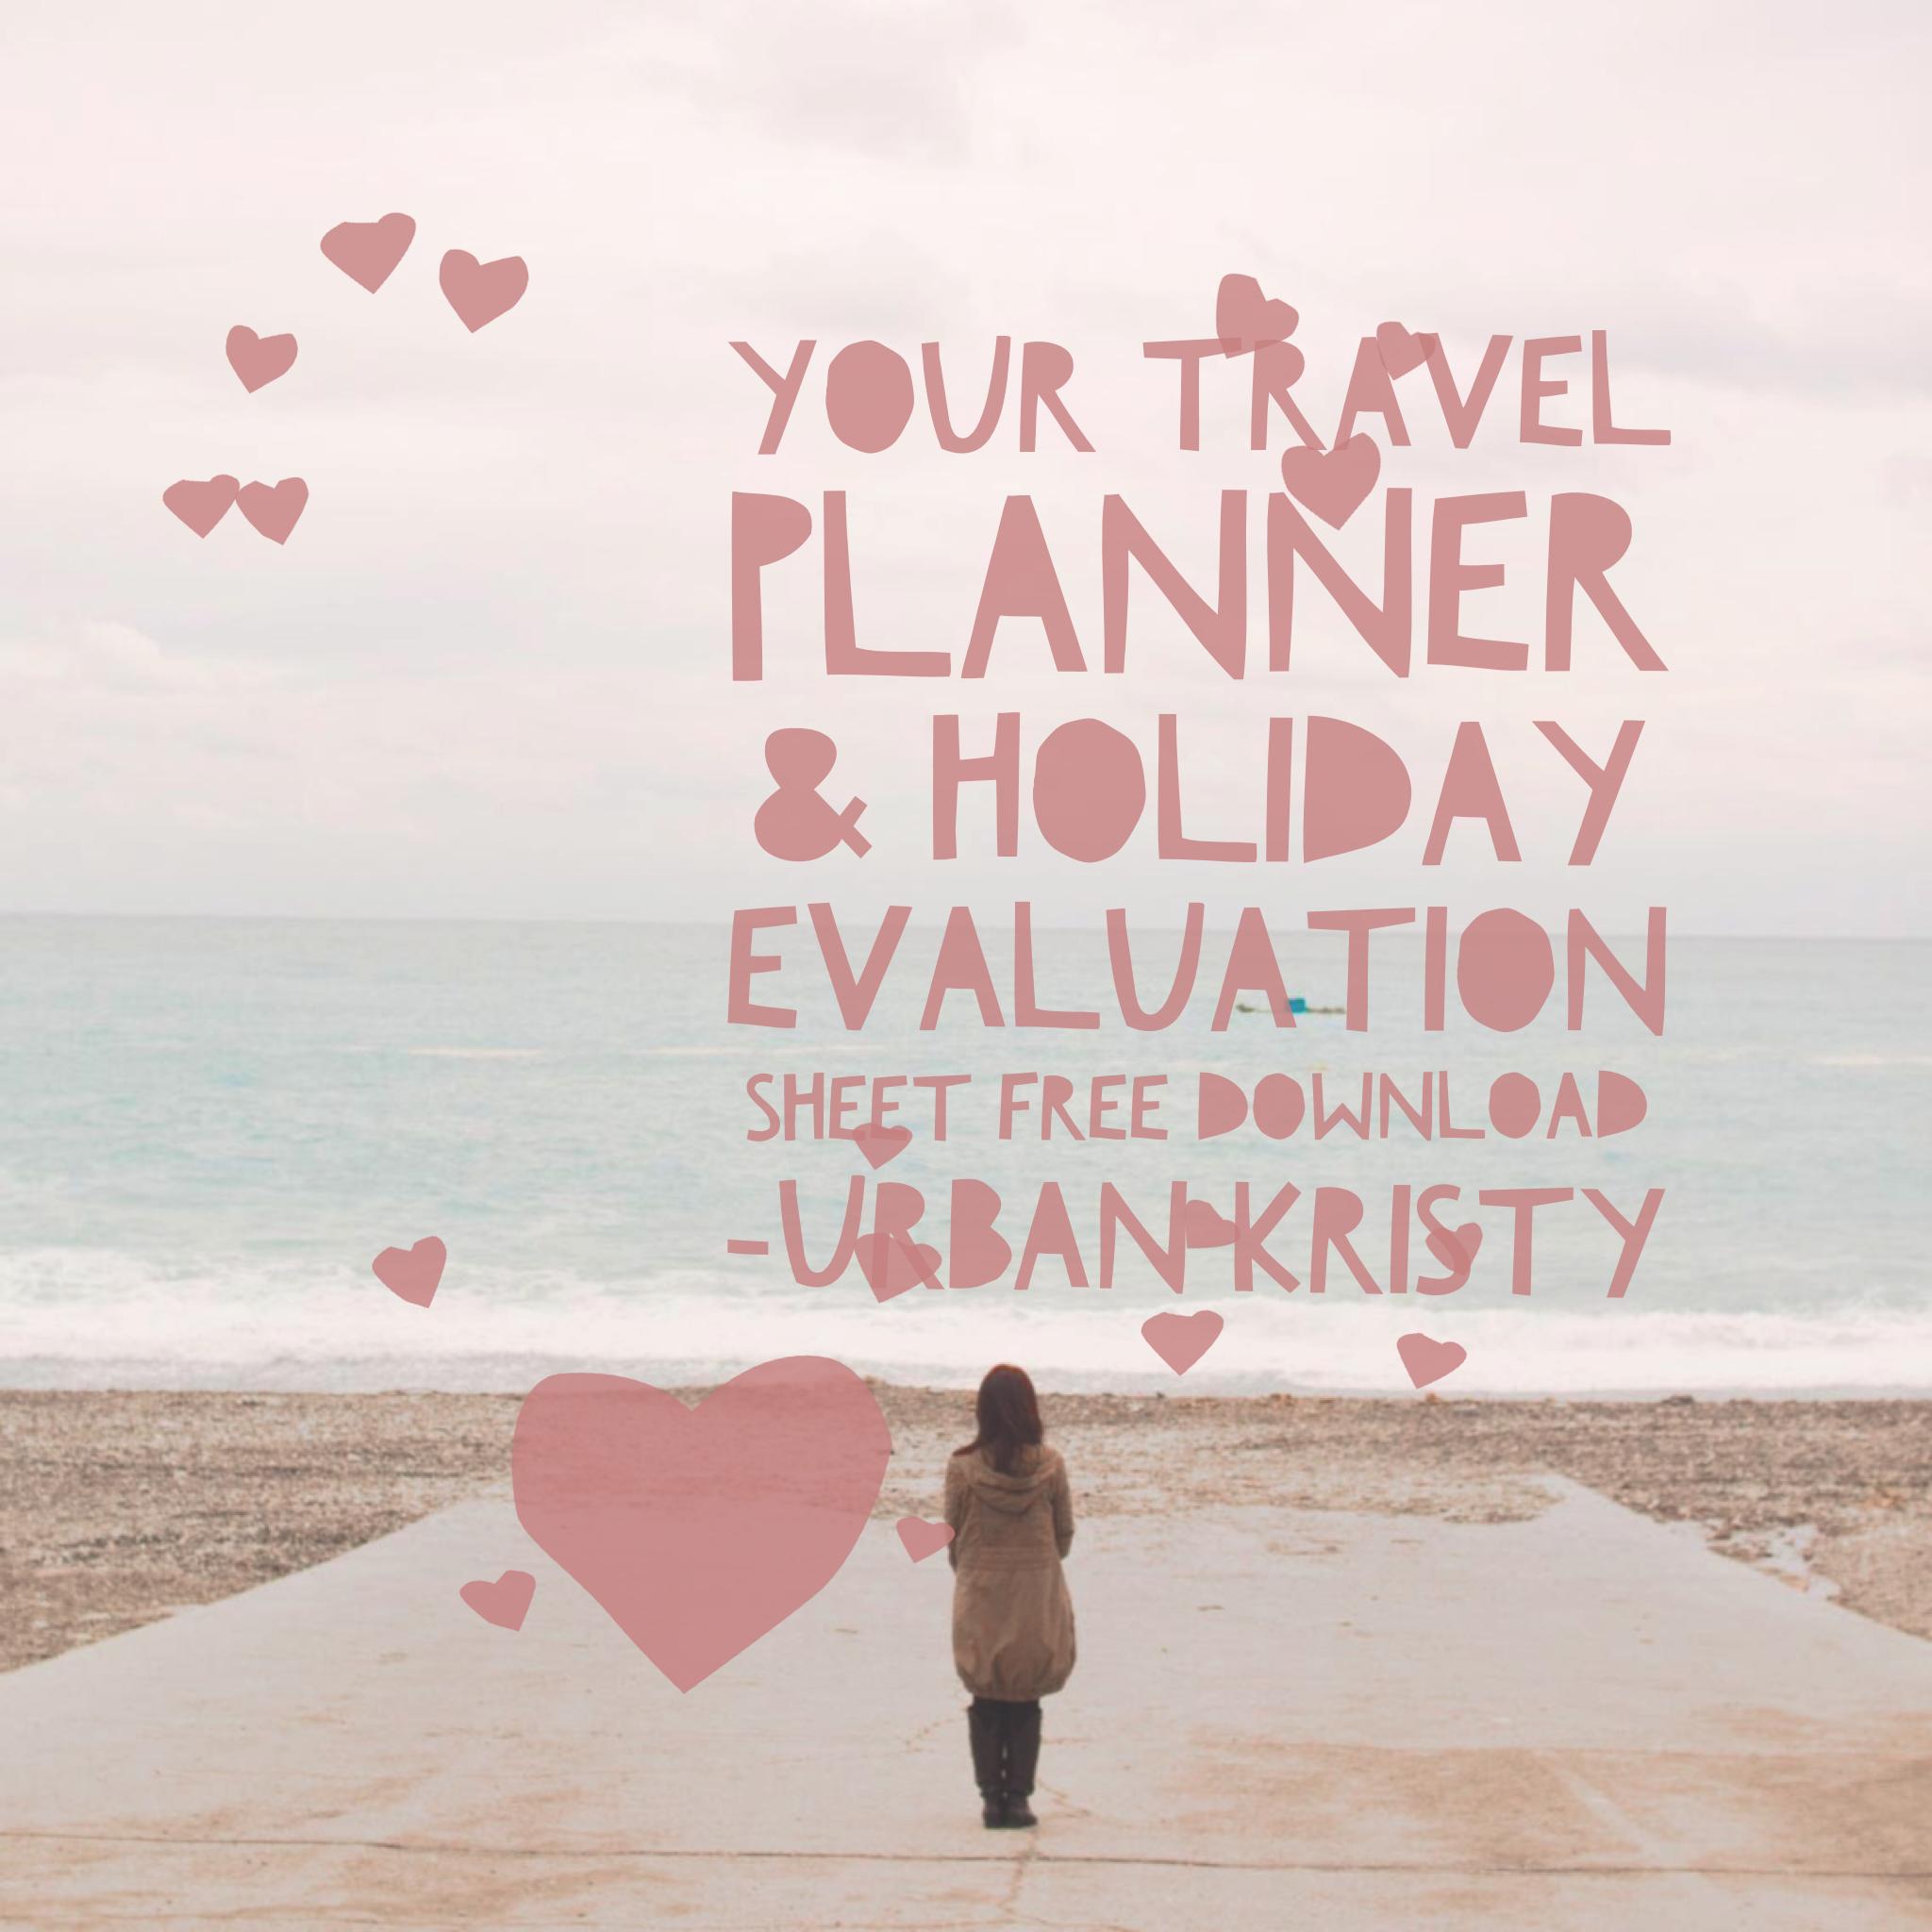 Travel Plsnner